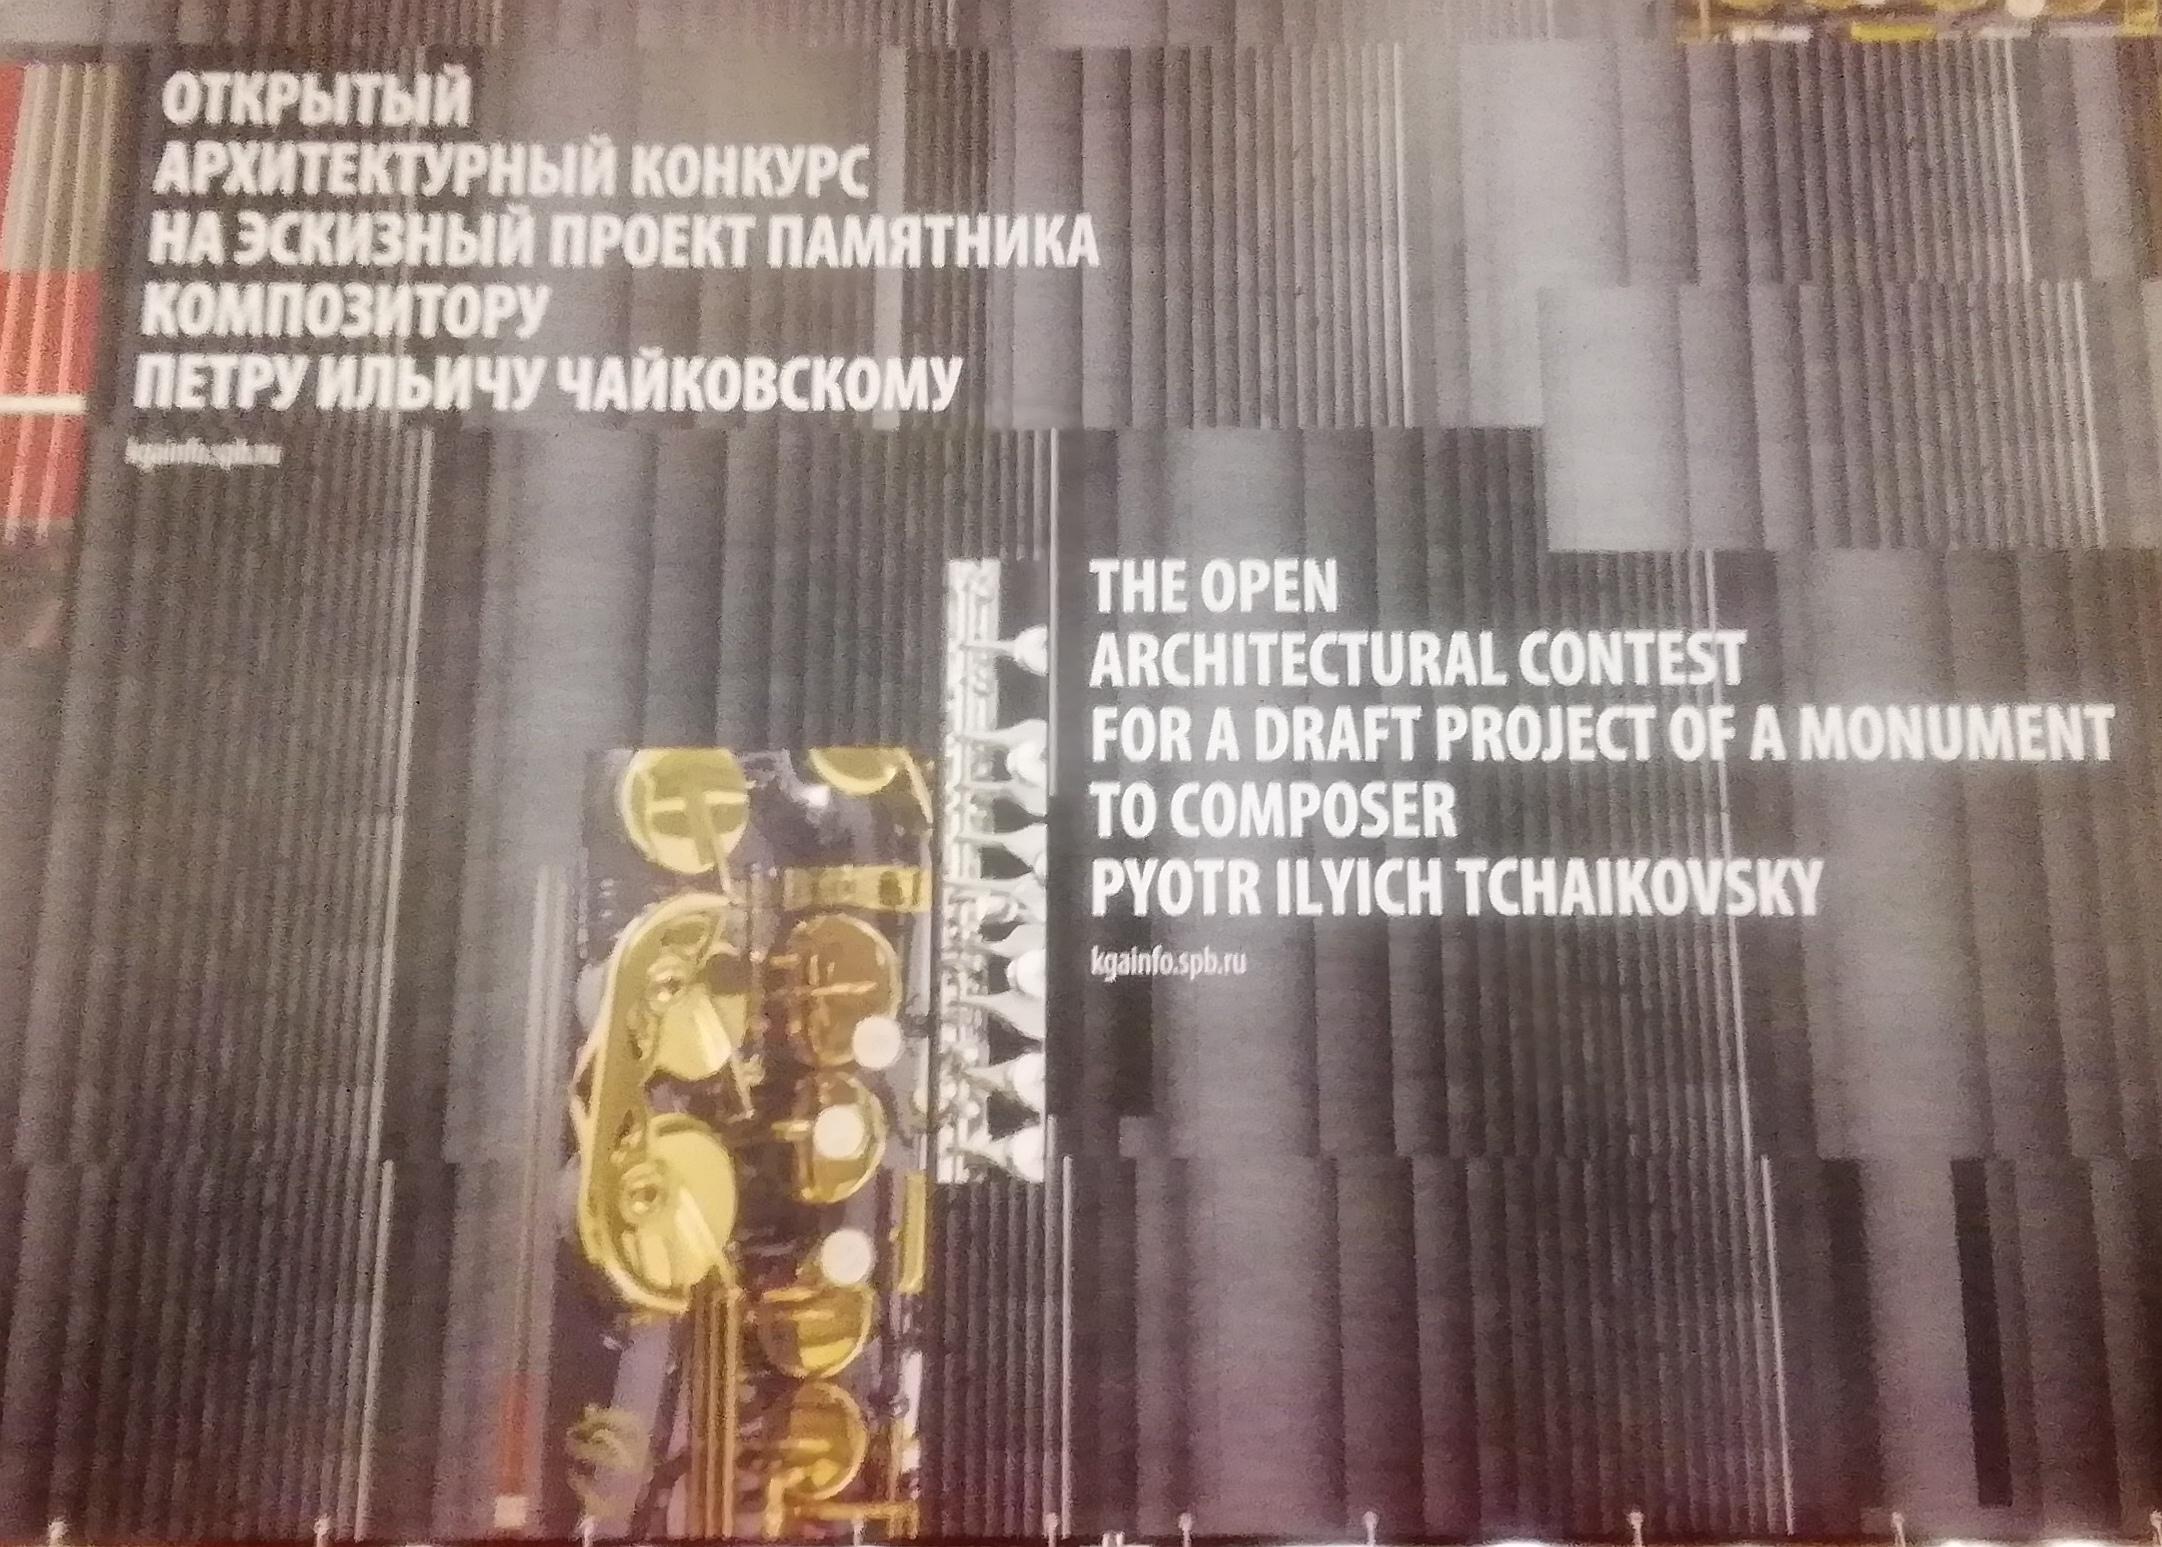 Валерий Гергиев: «Мы хотим найти самый убедительный проект памятника Чайковскому»